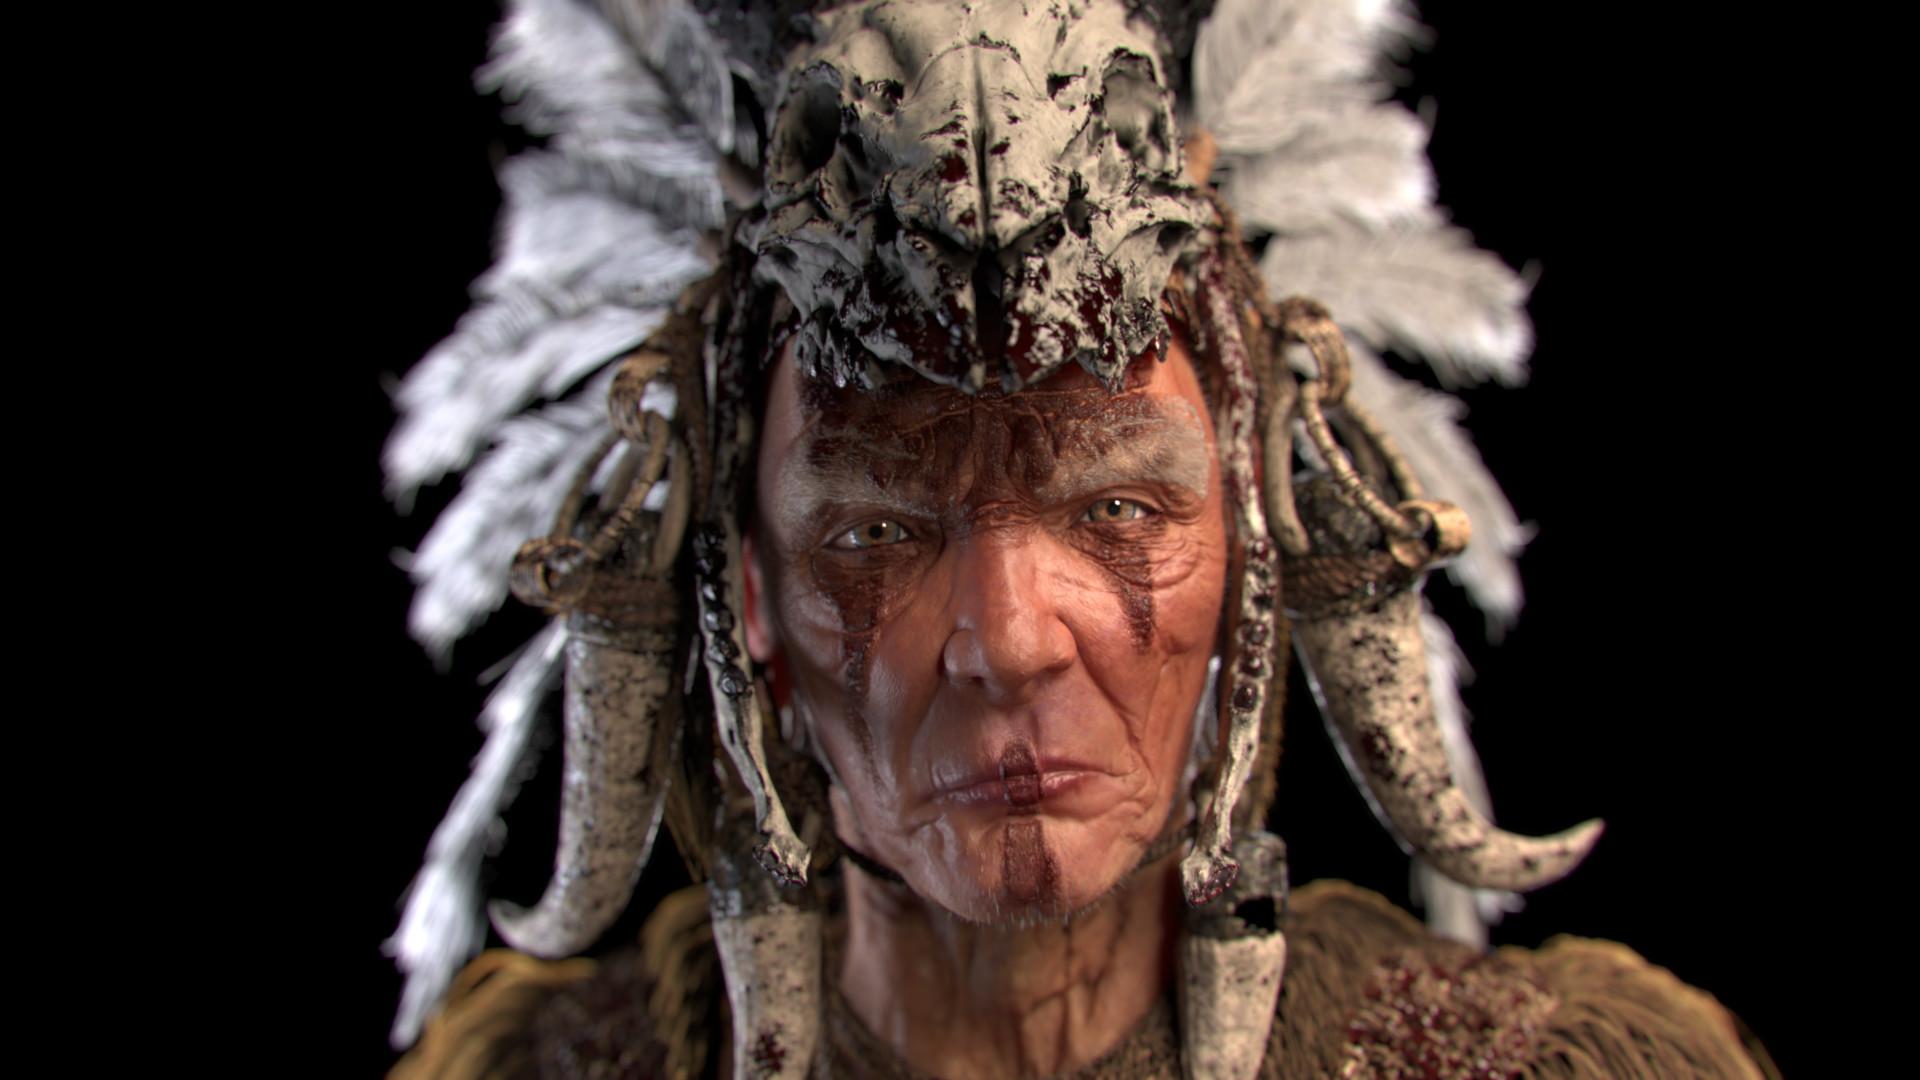 Brian lesiangi shaman 02